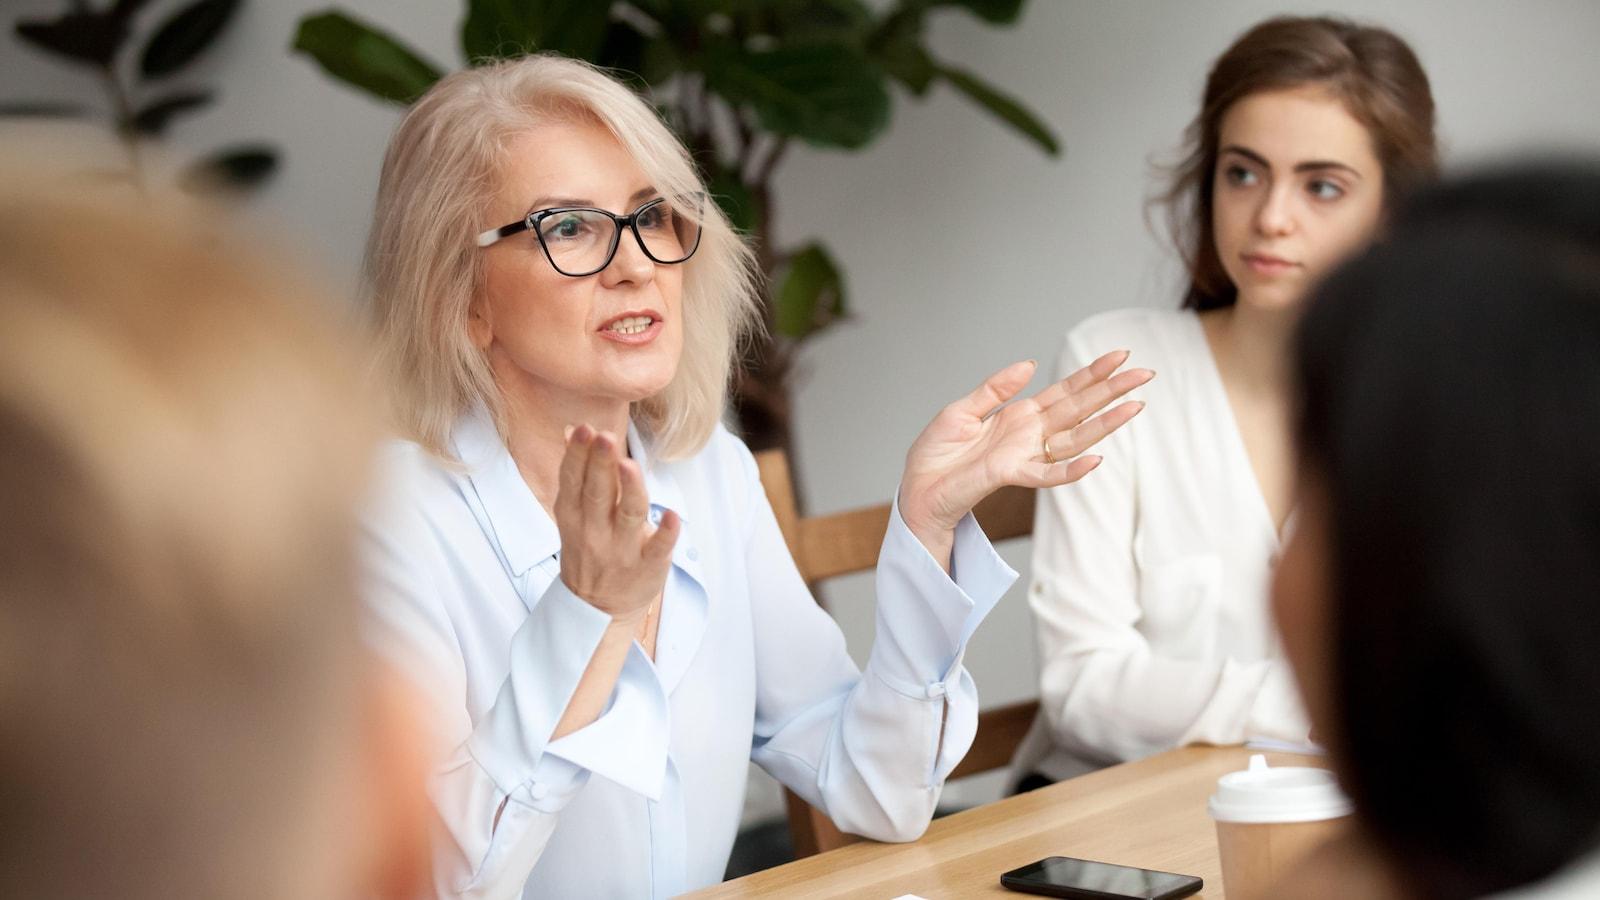 Une femme parle à plusieurs personnes réunies autour d'une table.